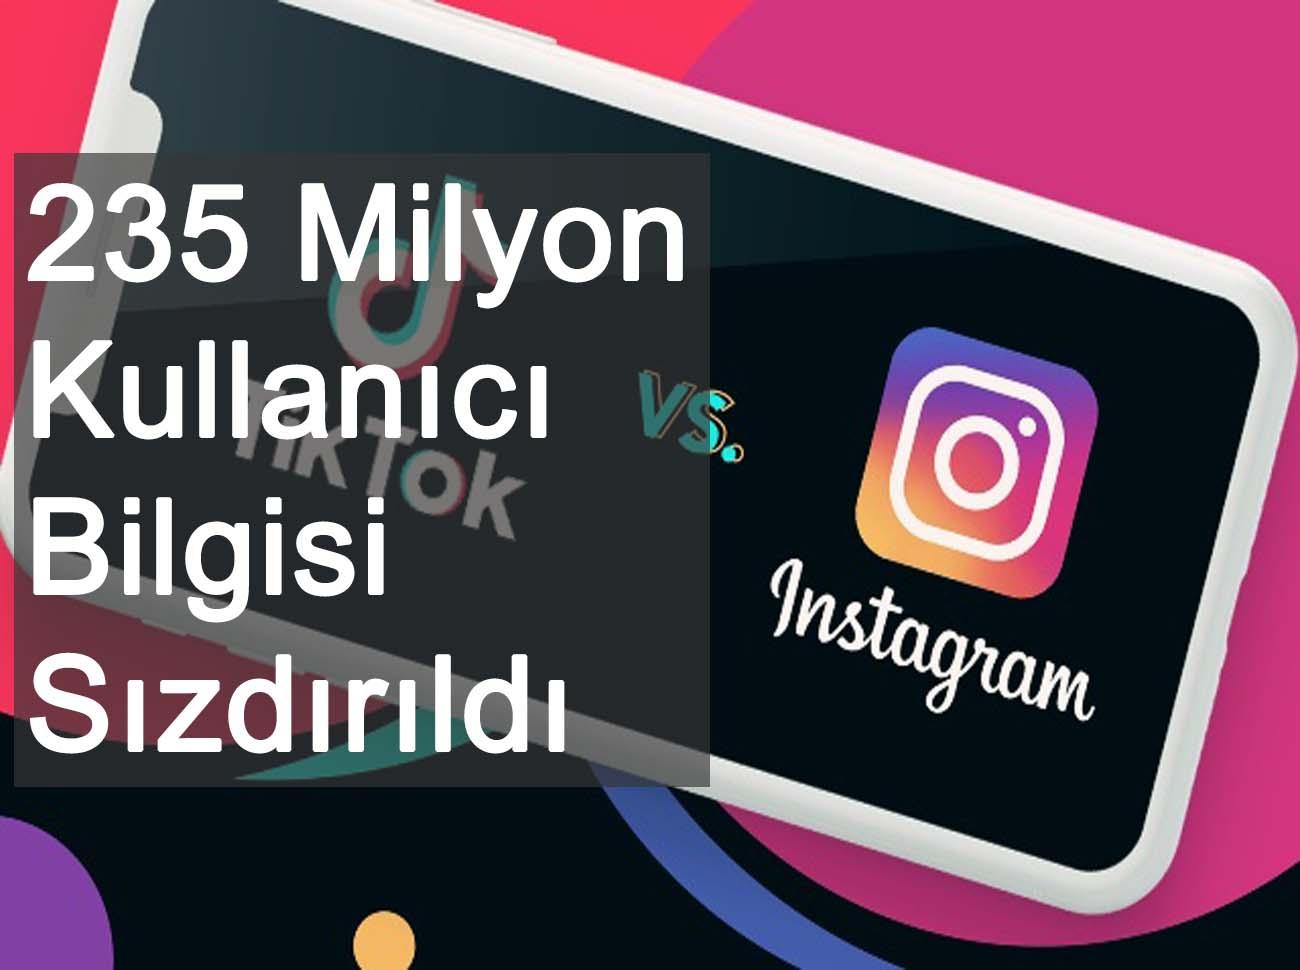 235 Milyon TikTok Instagram Youtube Bilgisi Sızdırıldı